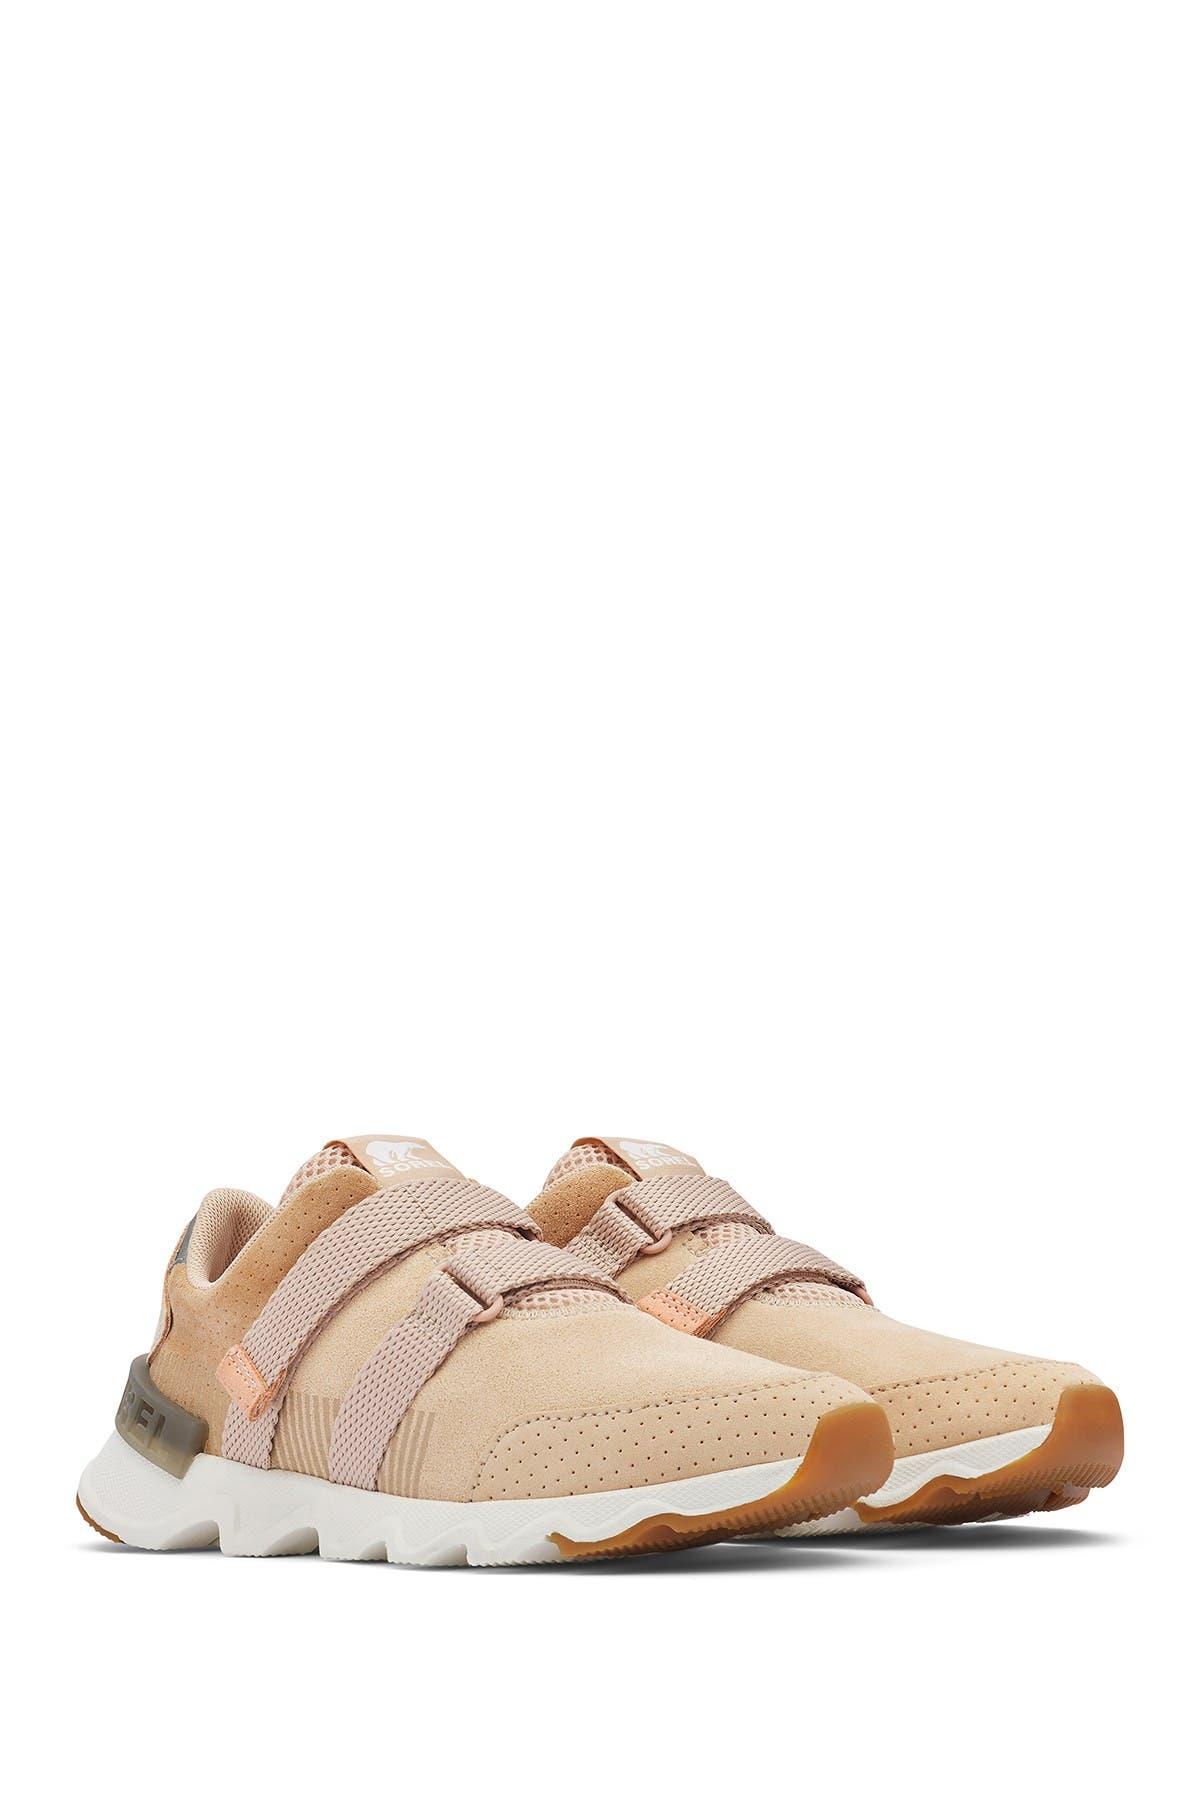 Sorel NEW Roaming Buckle White Slide Rubber Sole Comfort Sandal Many Sizes $100